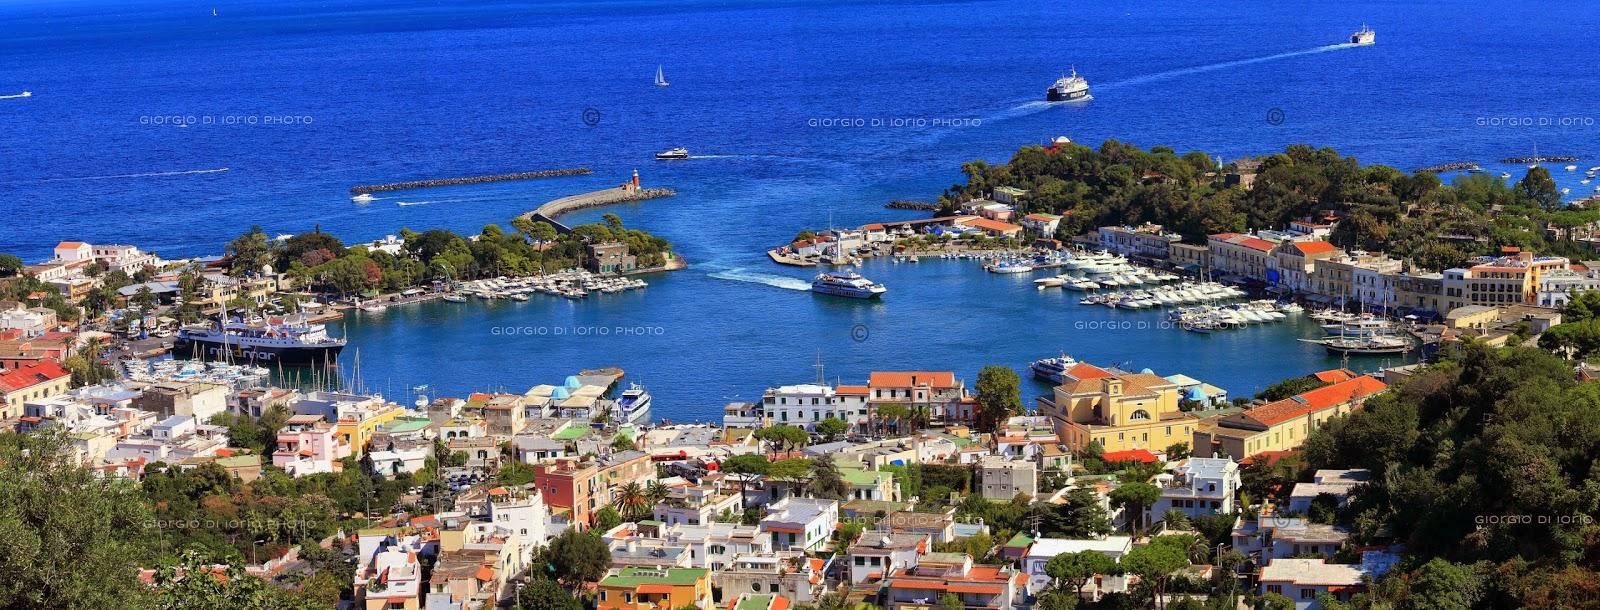 Ischia, il Porto